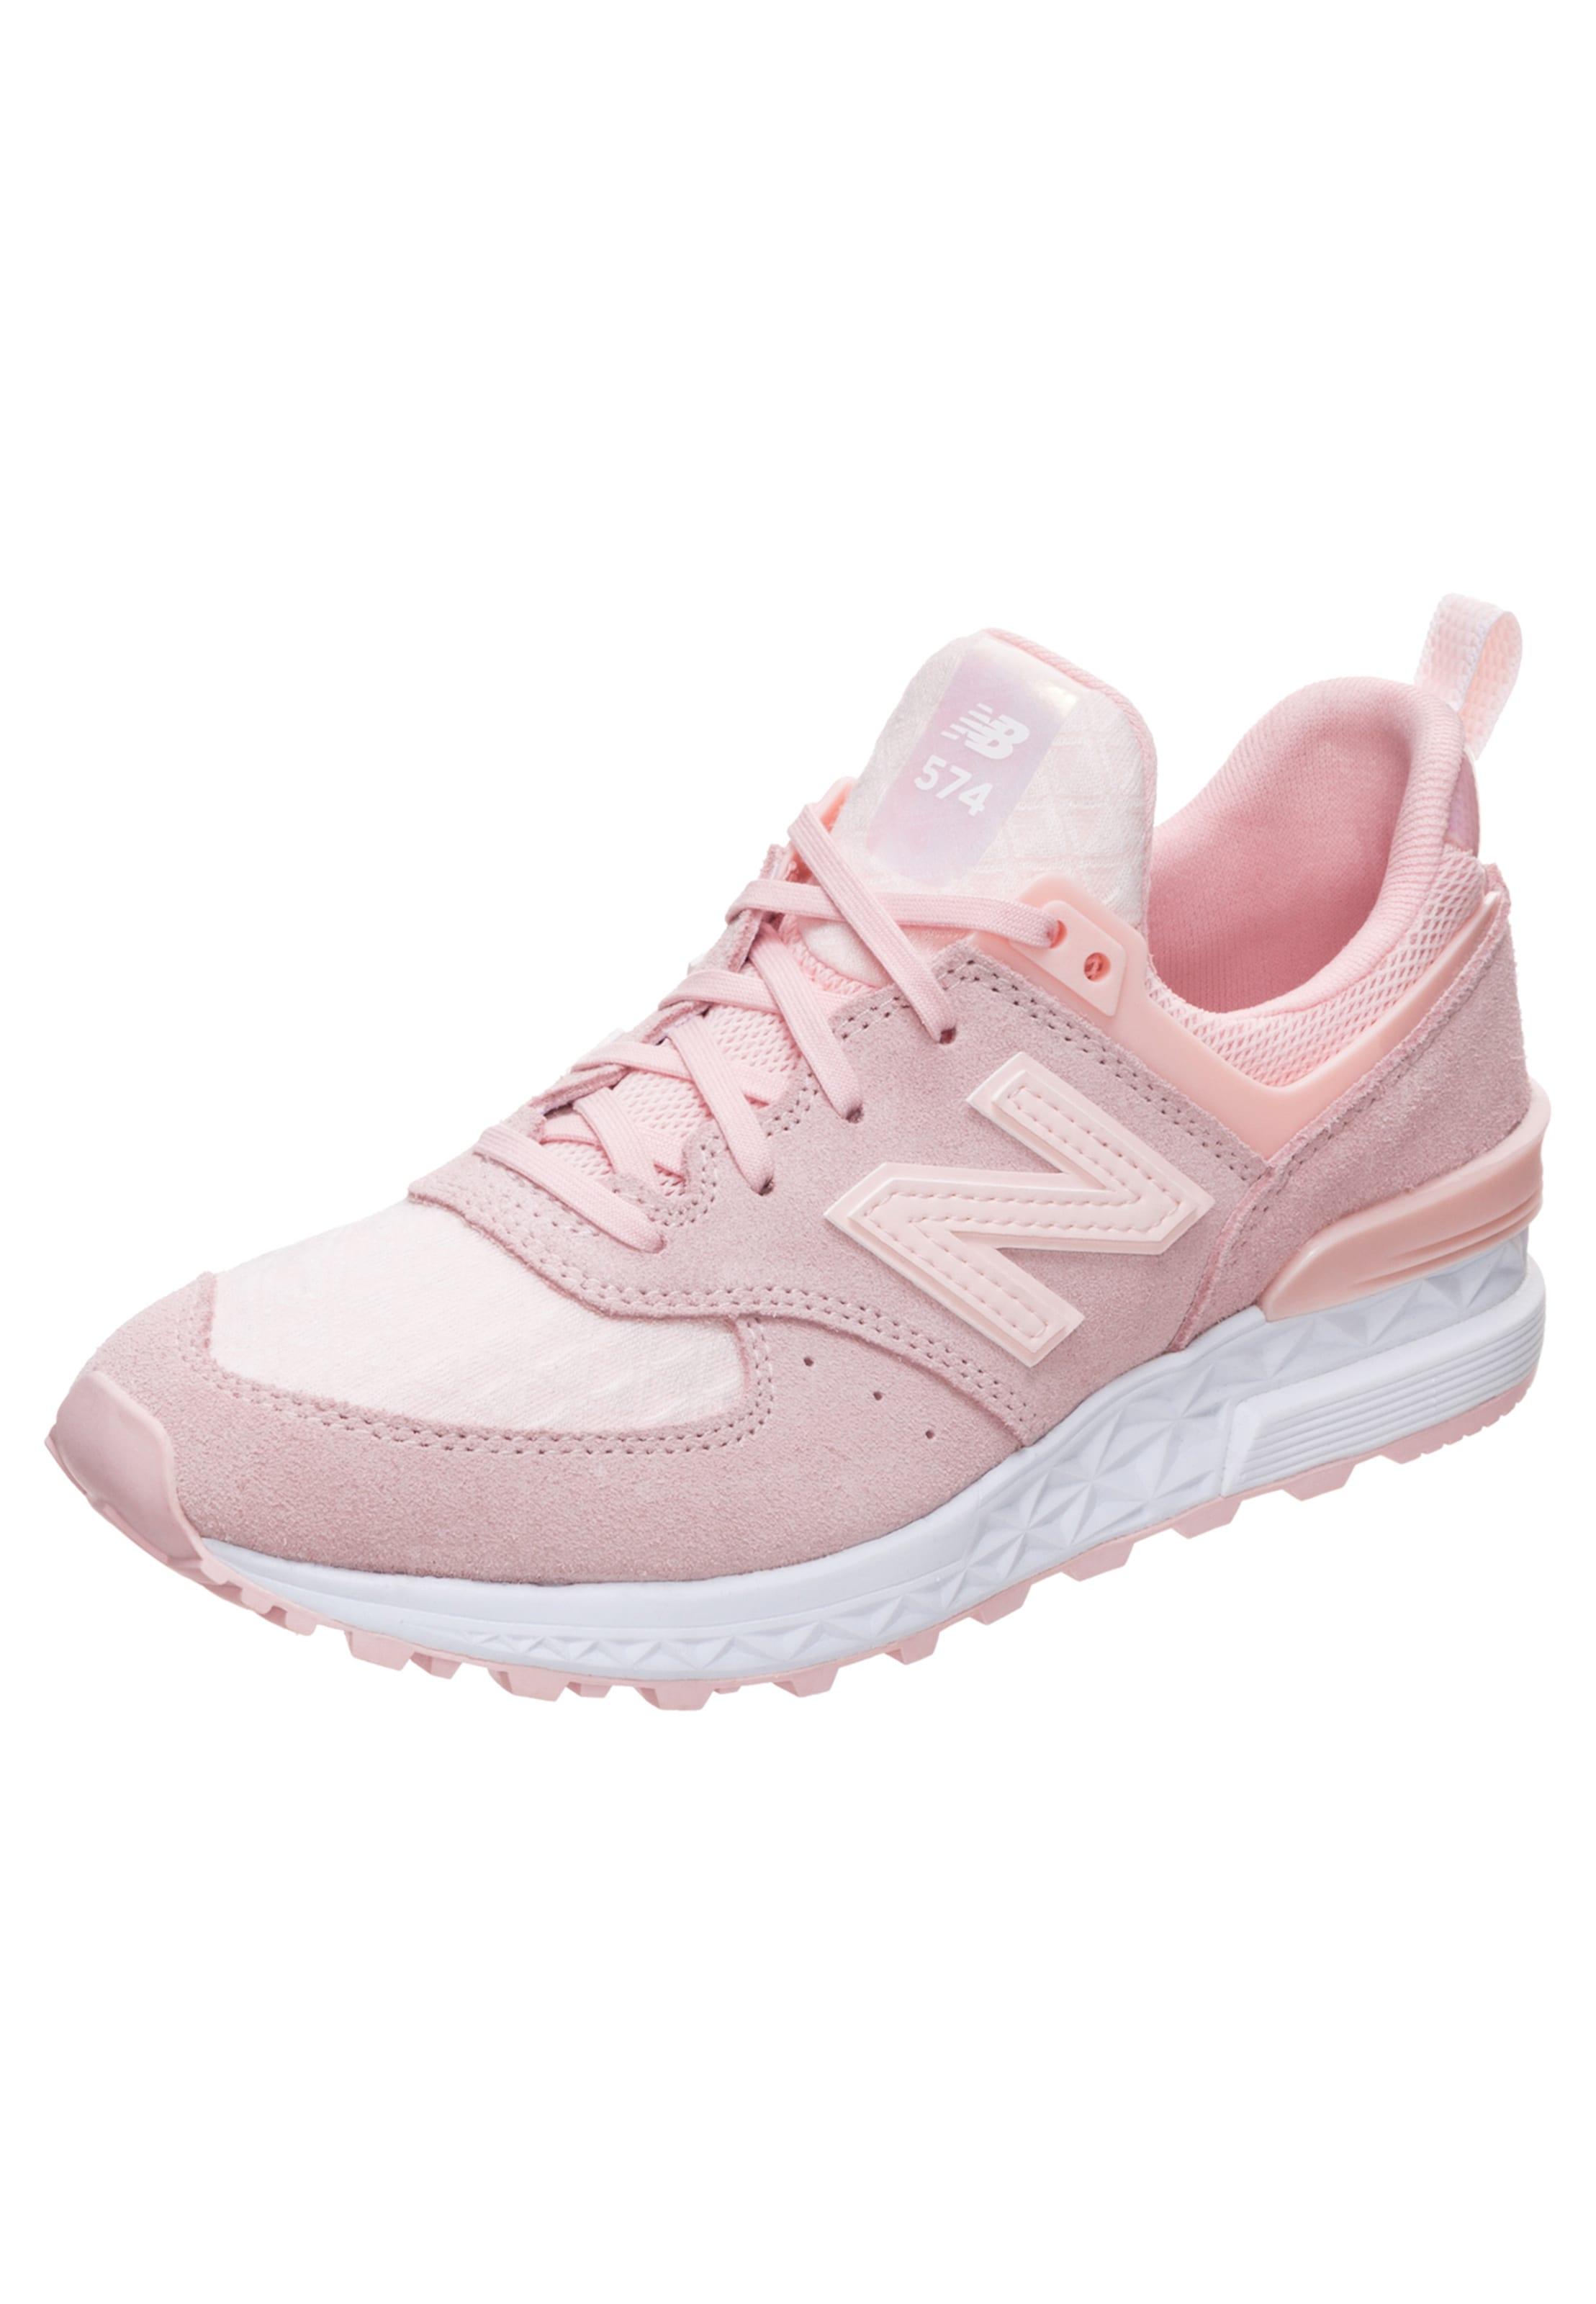 Haltbare Mode billige Schuhe new balance | 'WS574-SNC-B' Sneaker Schuhe Gut getragene Schuhe